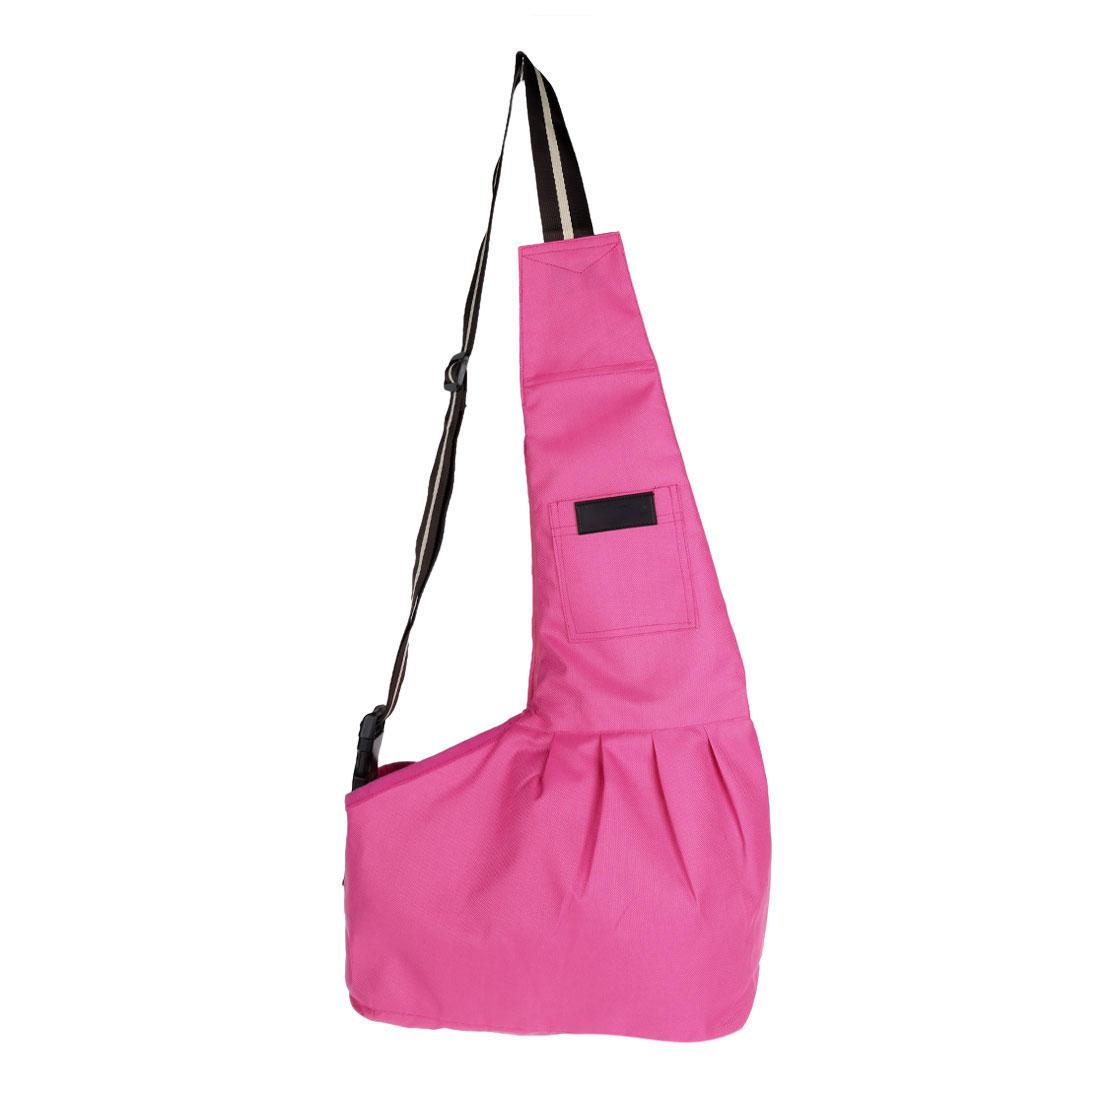 Outdoor Oxford Cloth Adjustable Single Shoulder Small Dog Cat Pet Carrier Bag Pink L